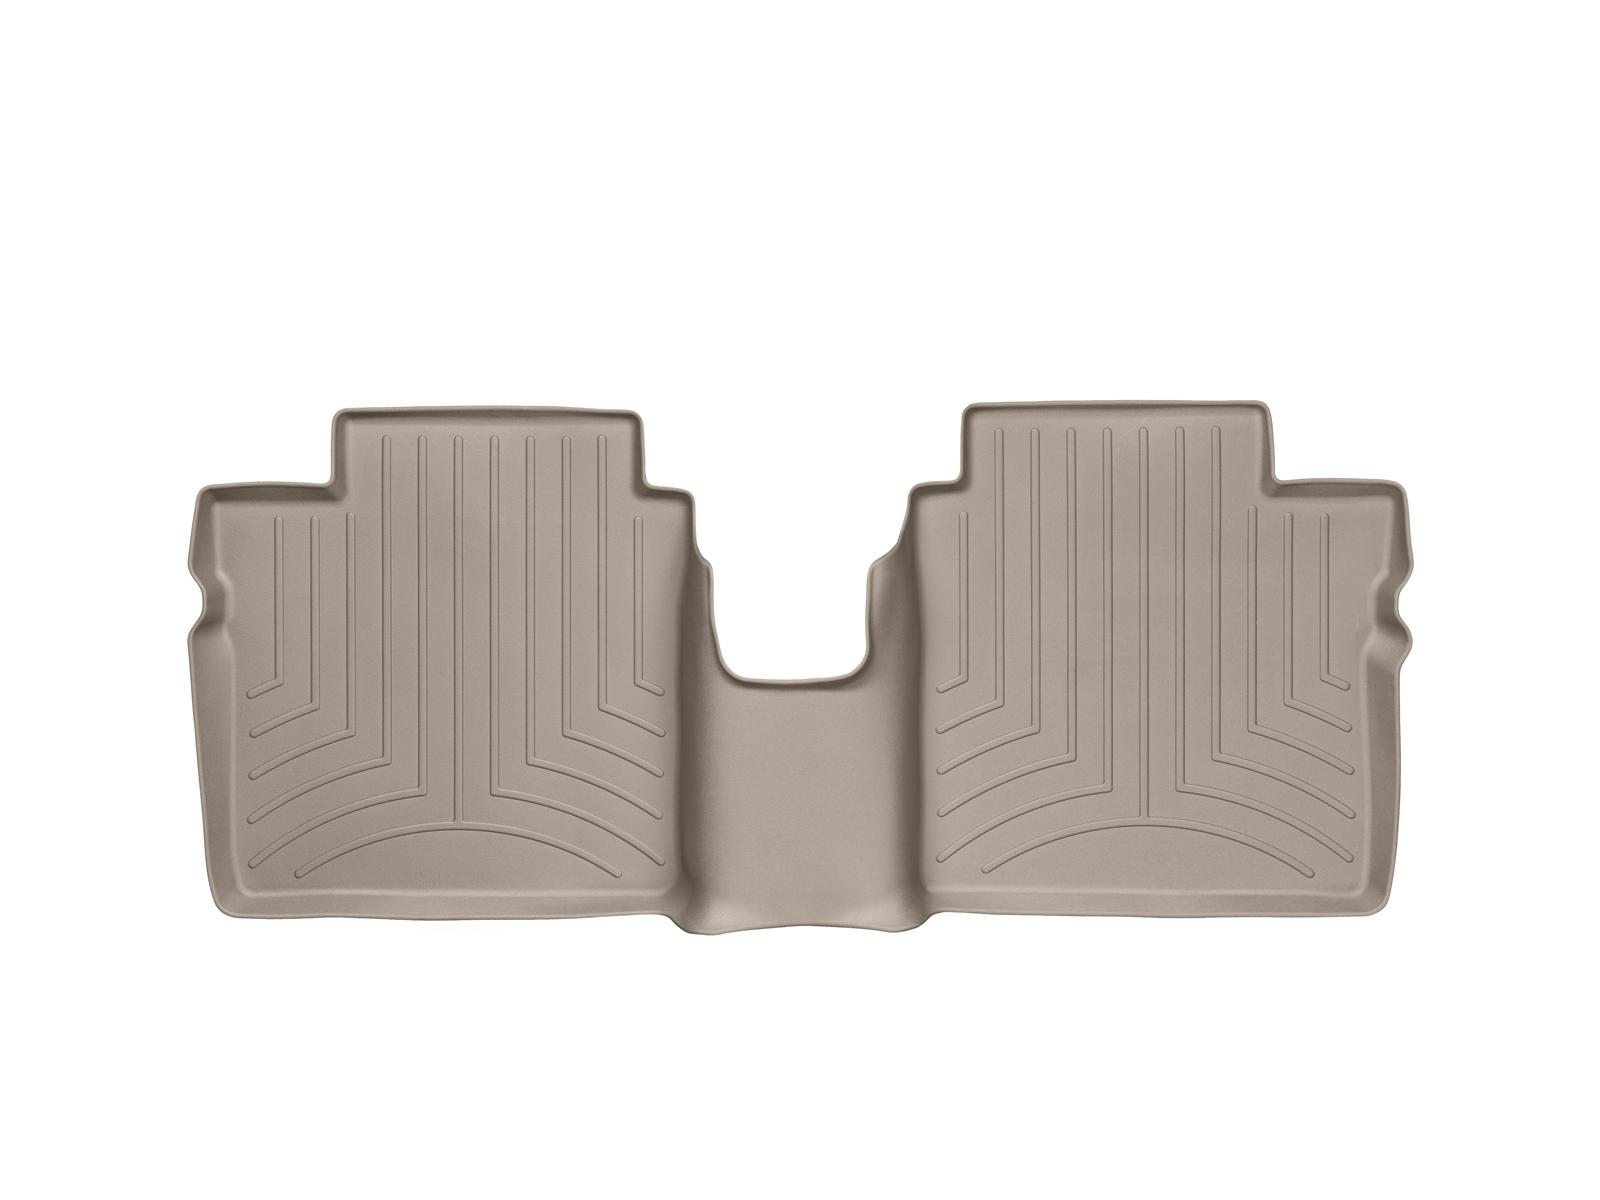 Tappeti gomma su misura bordo alto Nissan Note 13>13 Marrone A2898